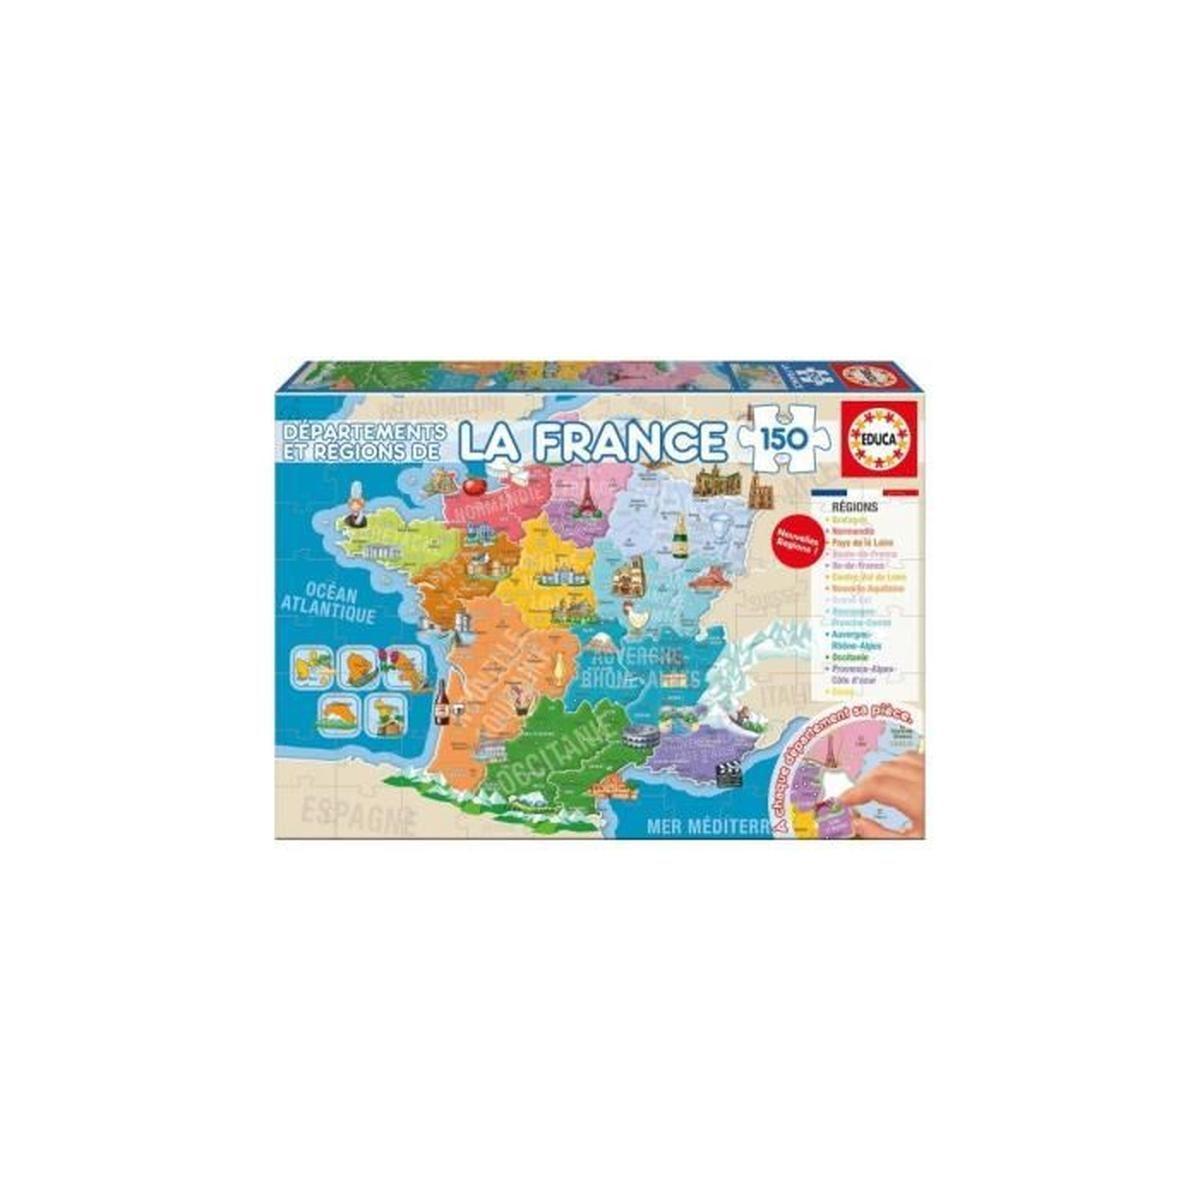 Puzzle Enfant - Carte De France : Les Departements Et Regions - 150 Pieces  - Jeu Educatifs dedans Jeu De Carte De France